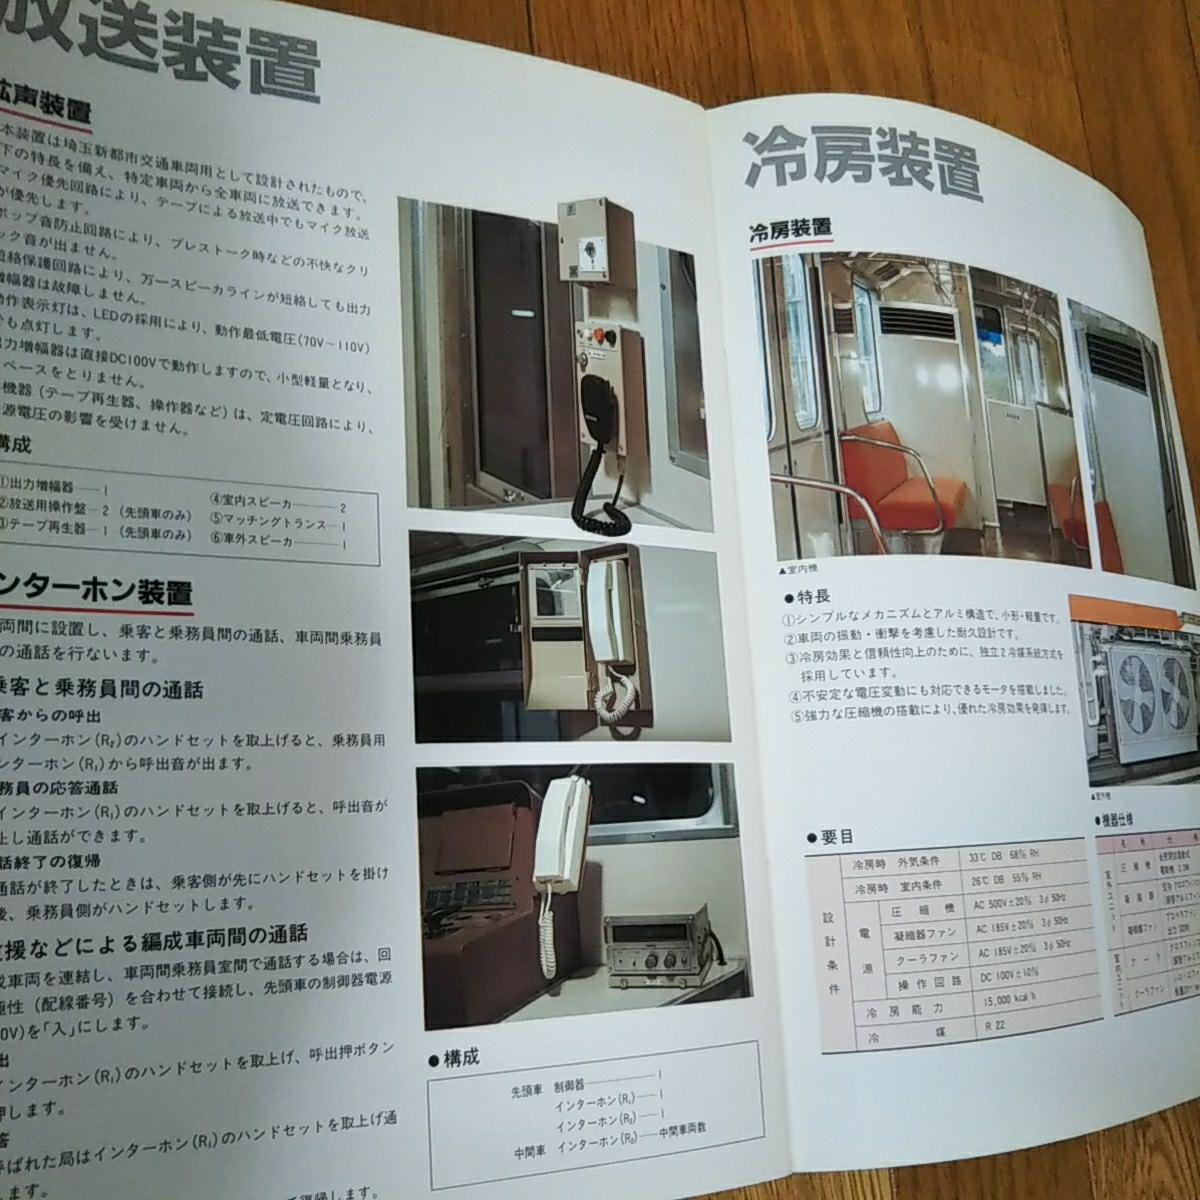 埼玉新都市交通 伊奈線 1000系車両 新造カタログ22ページ _画像4